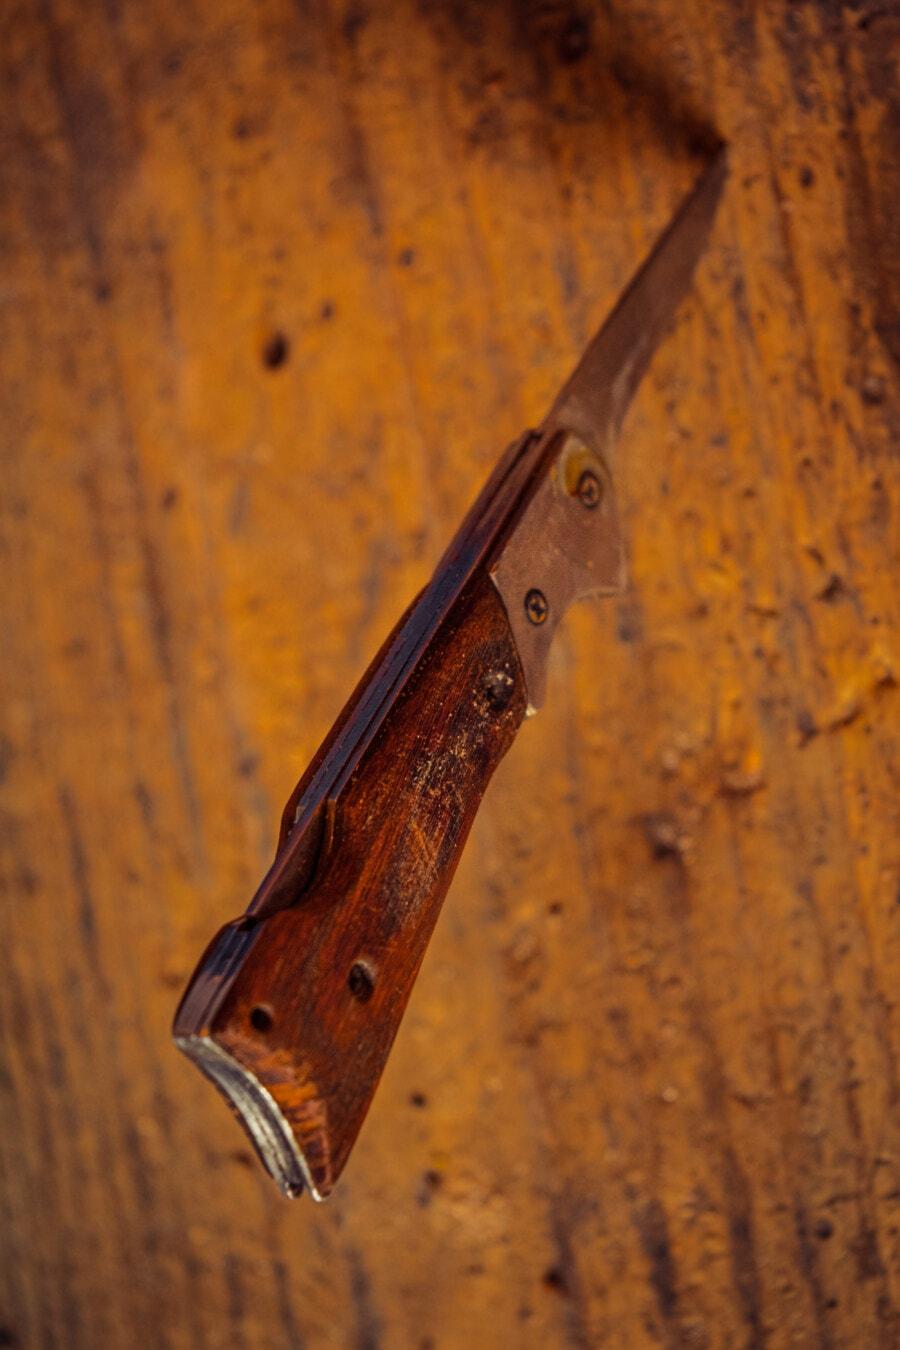 Hand-Werkzeug, Messer, alten Stil, Edelstahl, scharfe, Klinge, Anlage, aus Holz, Stahl, Retro